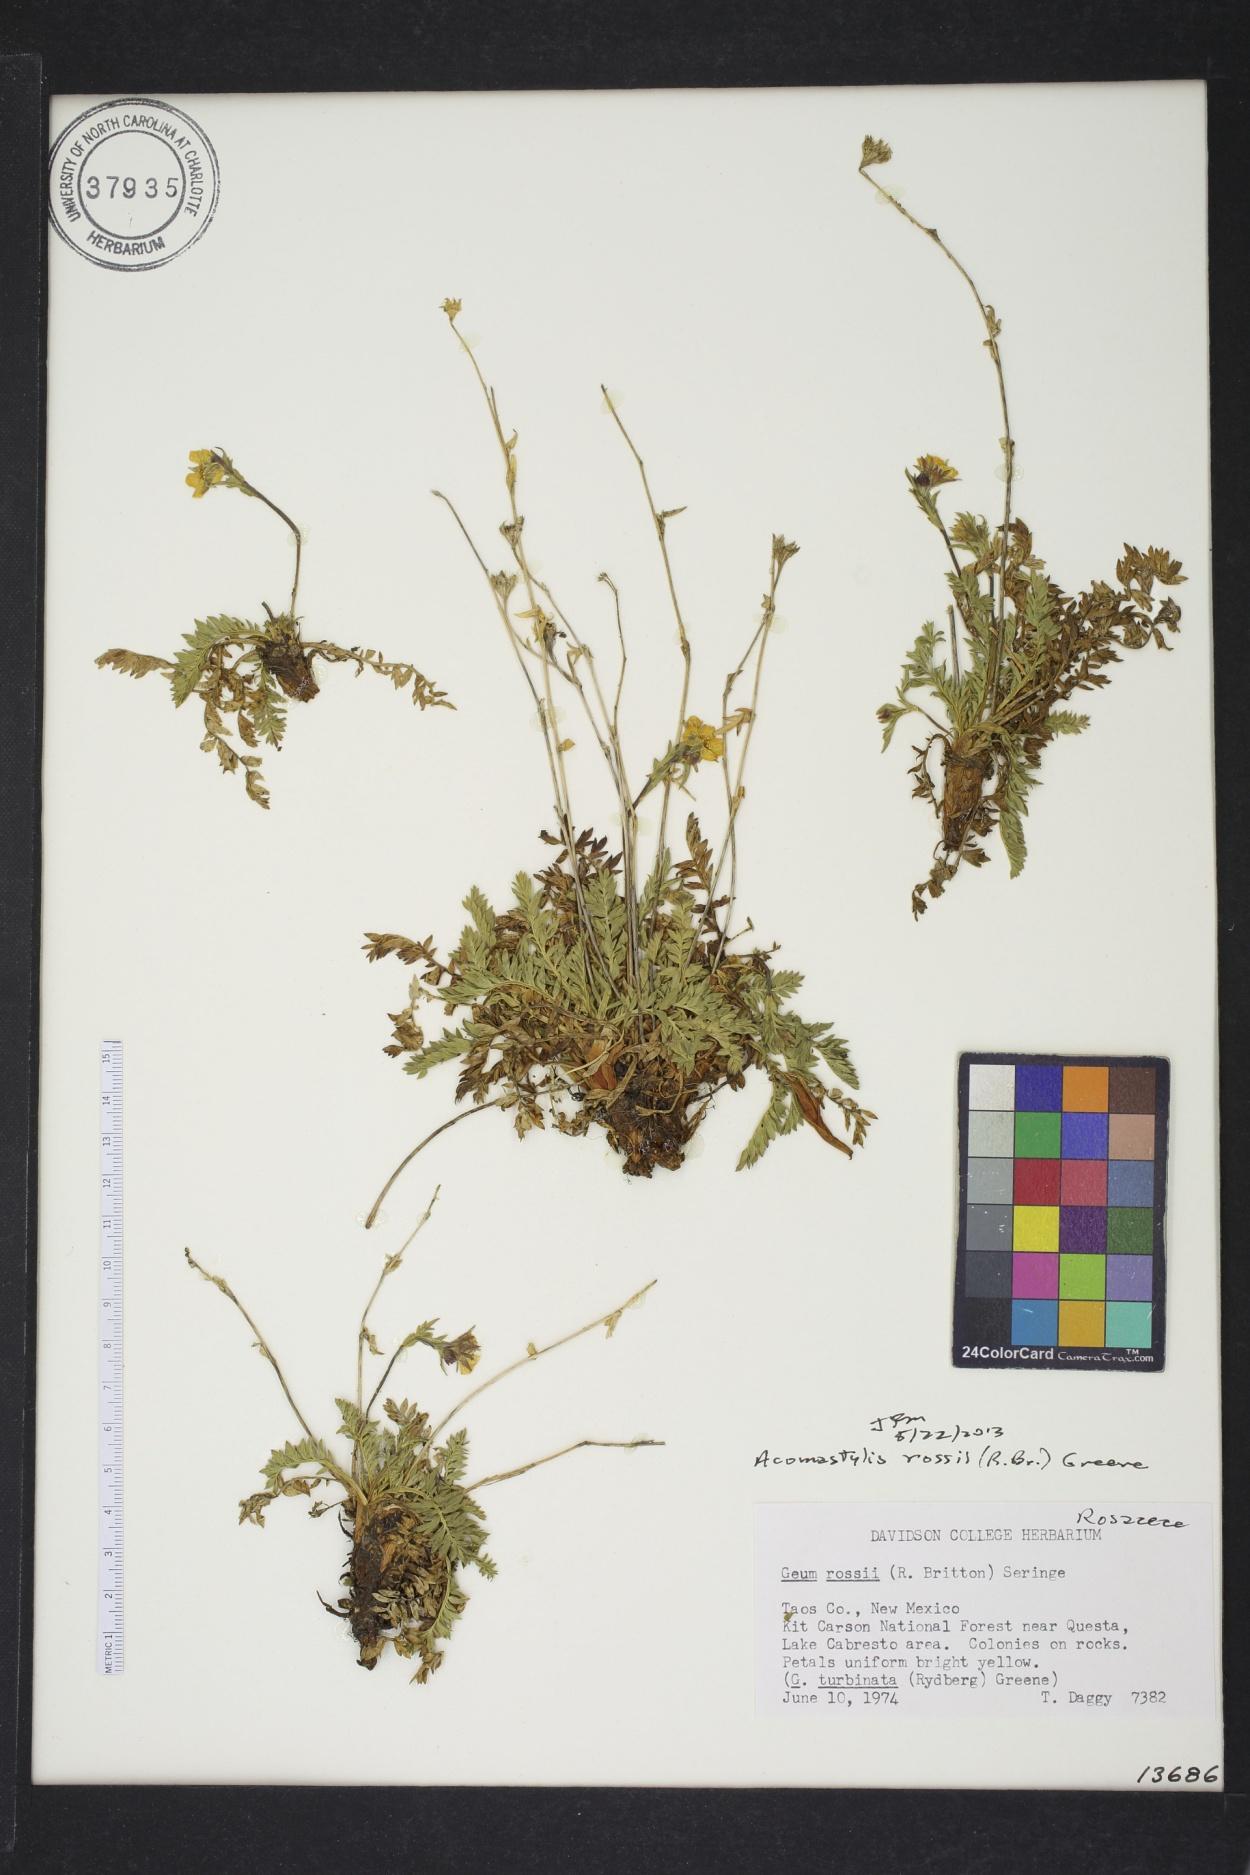 Acomastylis image